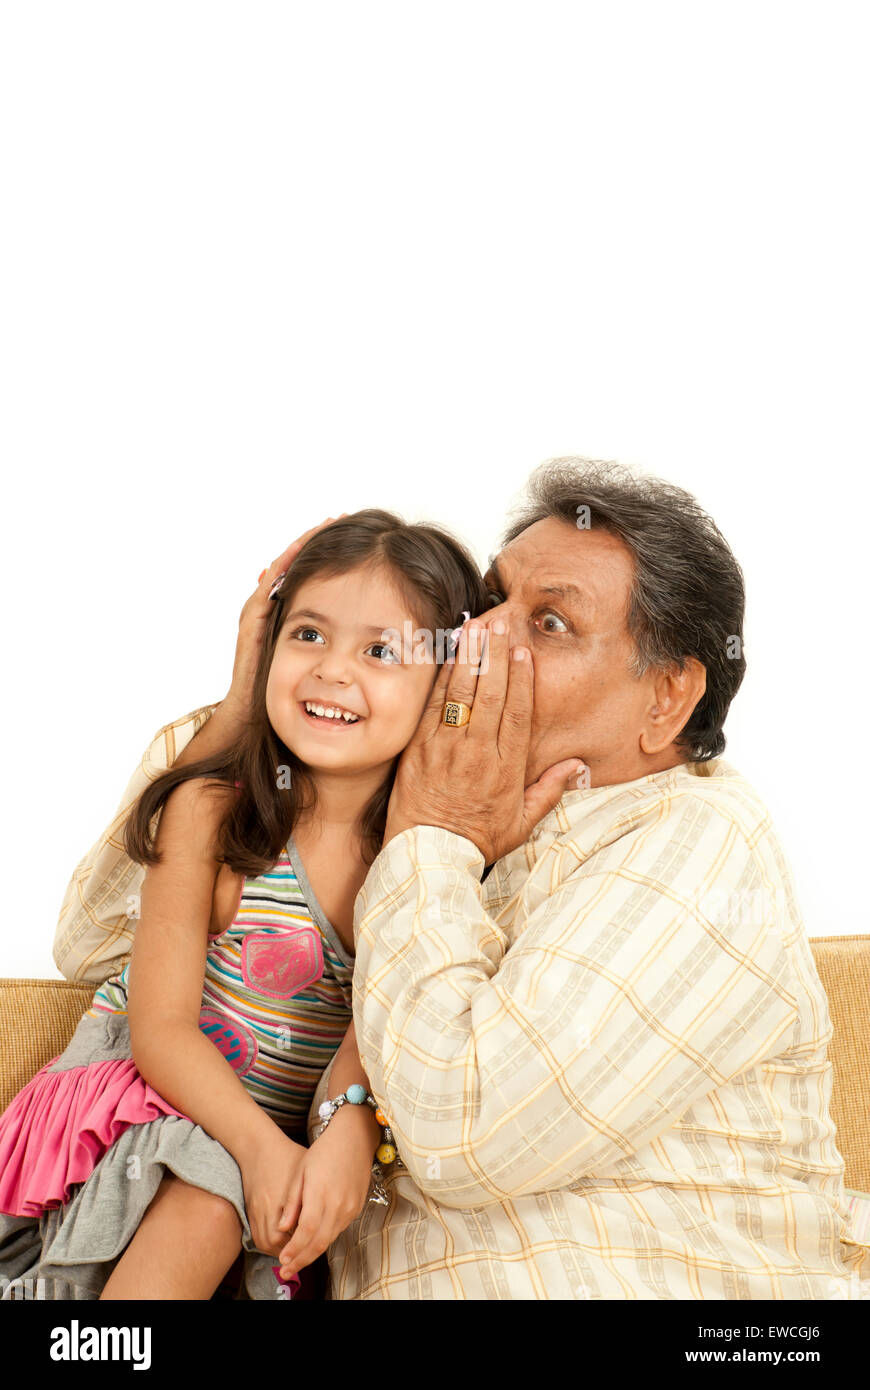 Grand padre giocando con il suo grand bambini Immagini Stock